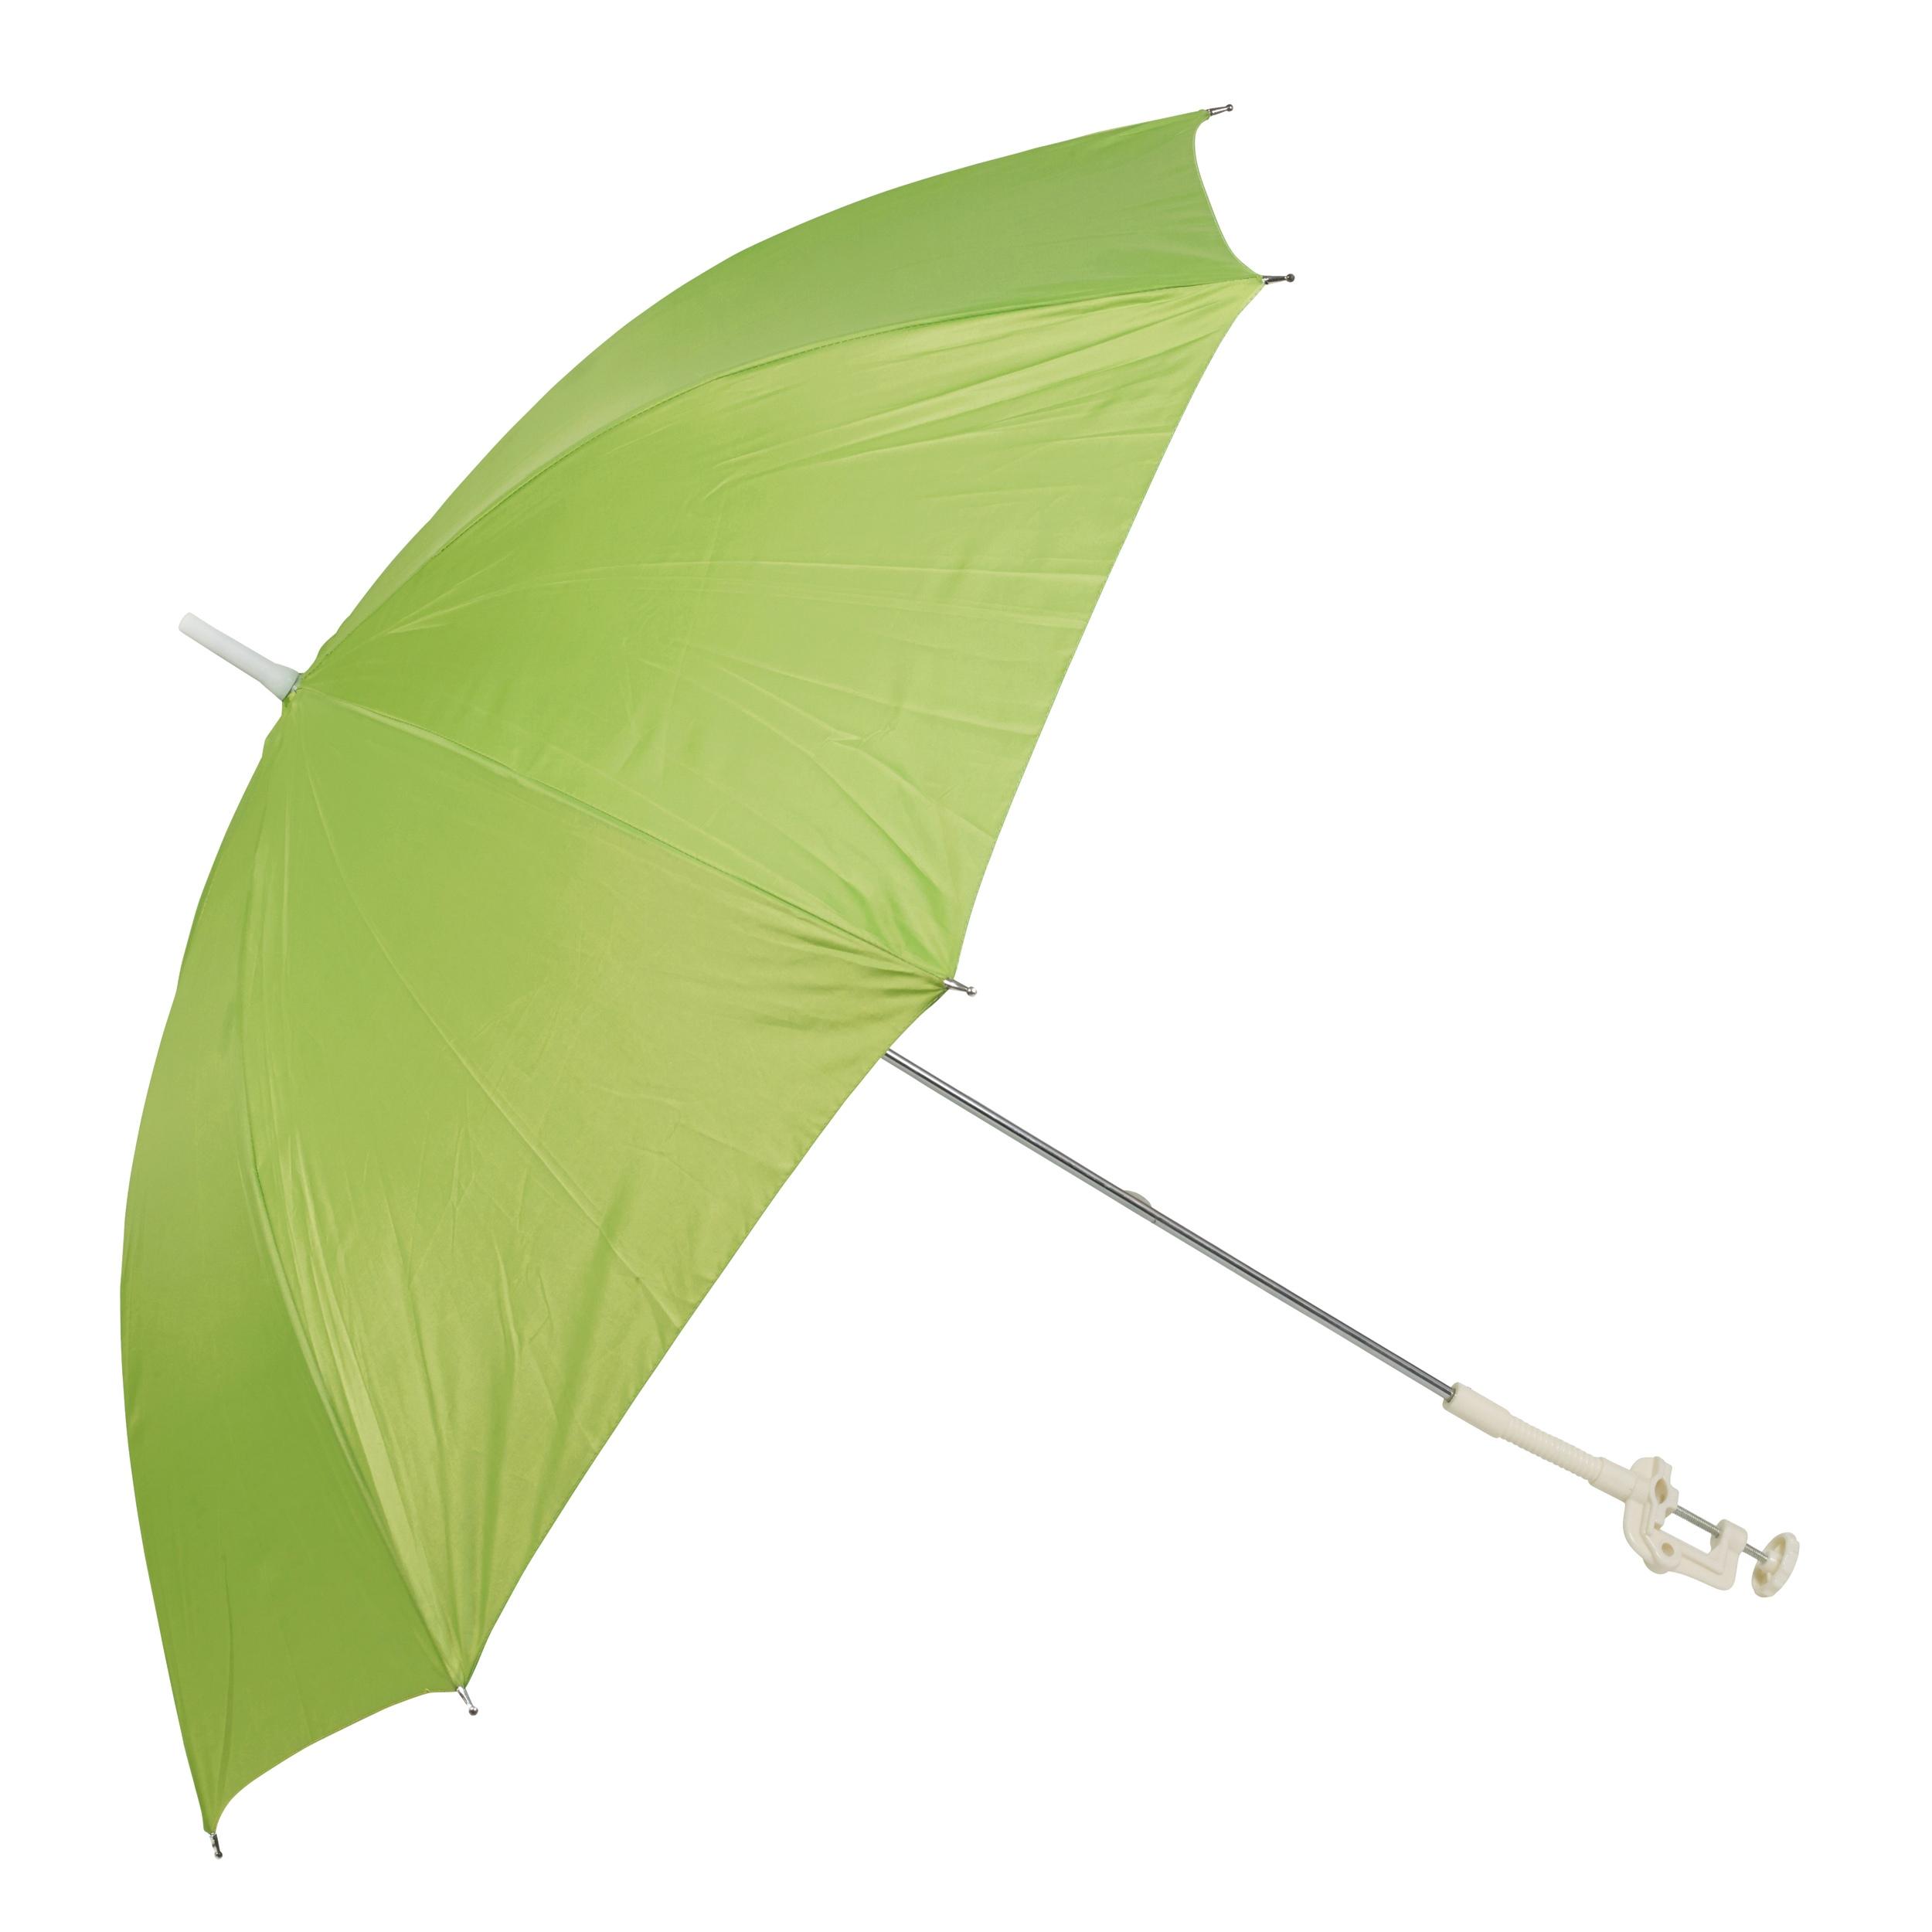 Screw Clamp Garden Beach Deck Chair Parasol Sunshade Sun UV Protection Umbrella